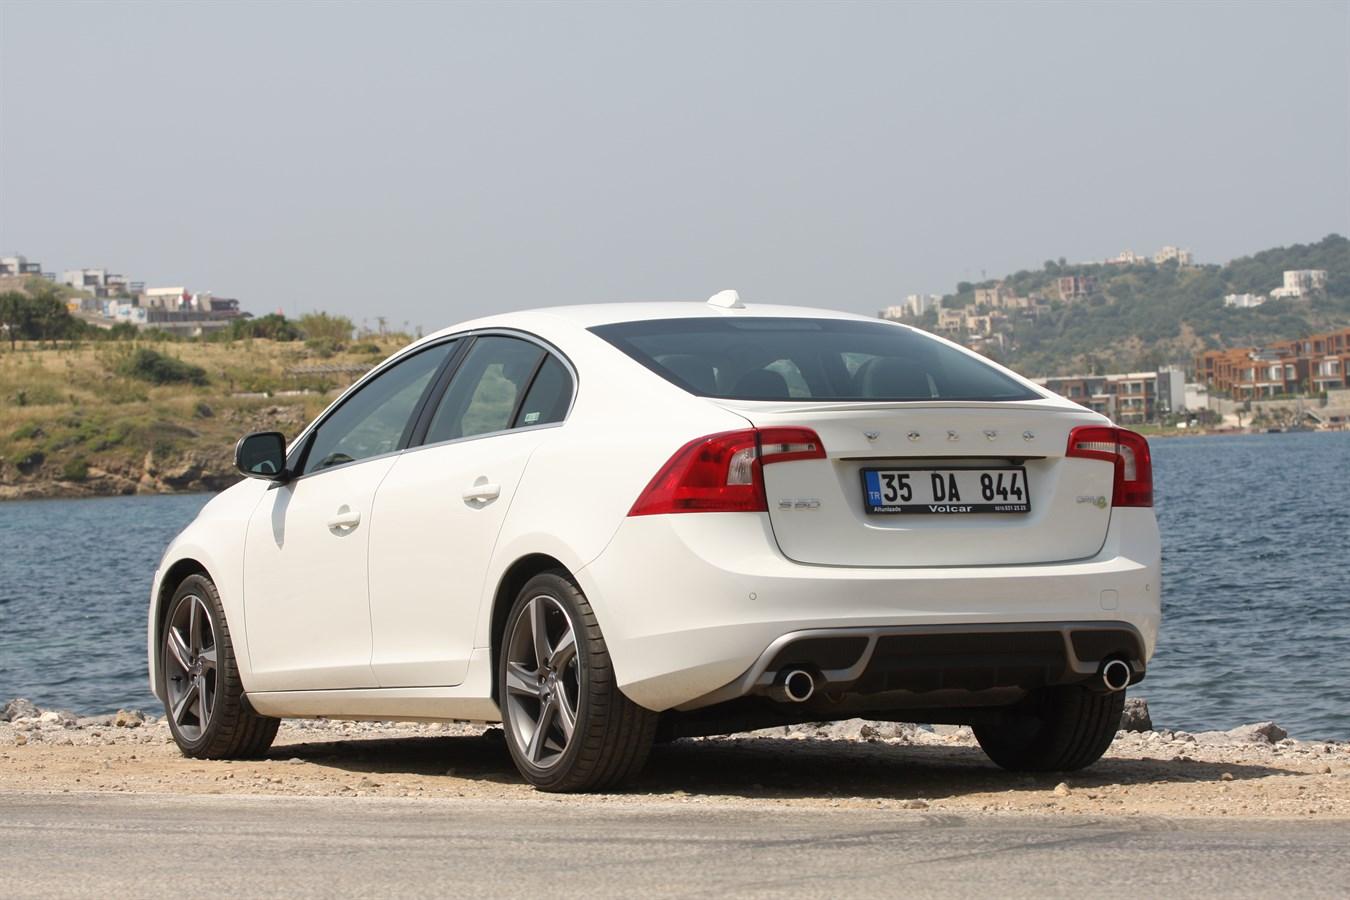 volvo'nun 'en iyi üçlü'sü türkiye'de: 1.6 lt - dizel - otomatik